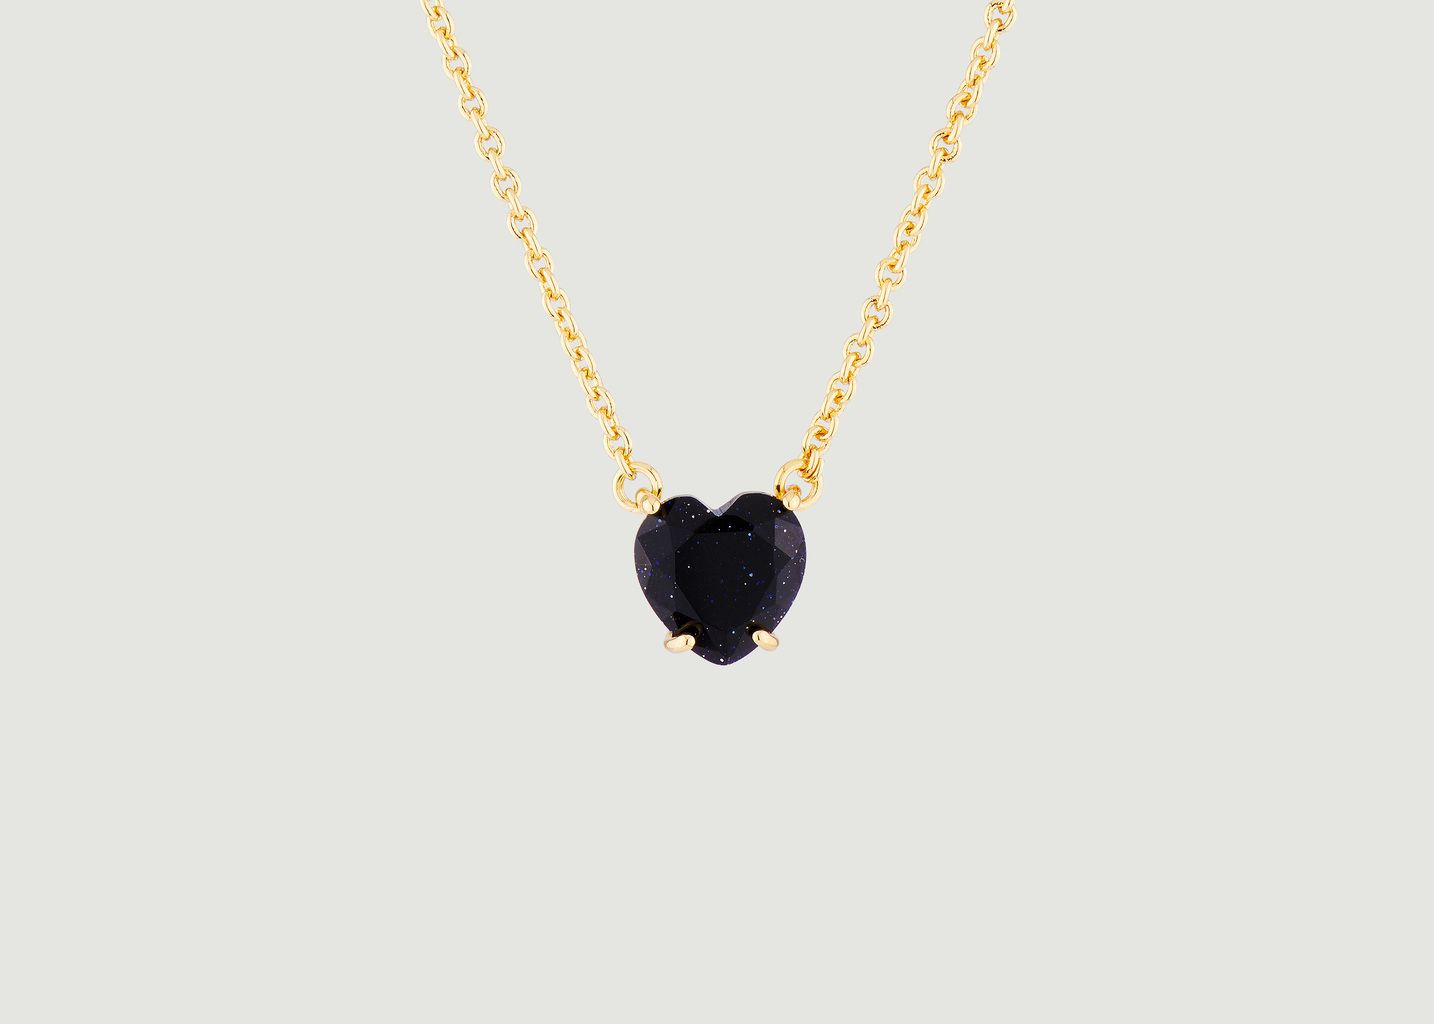 Collier pendentif pierre cœur La Diamantine - Les Néréides